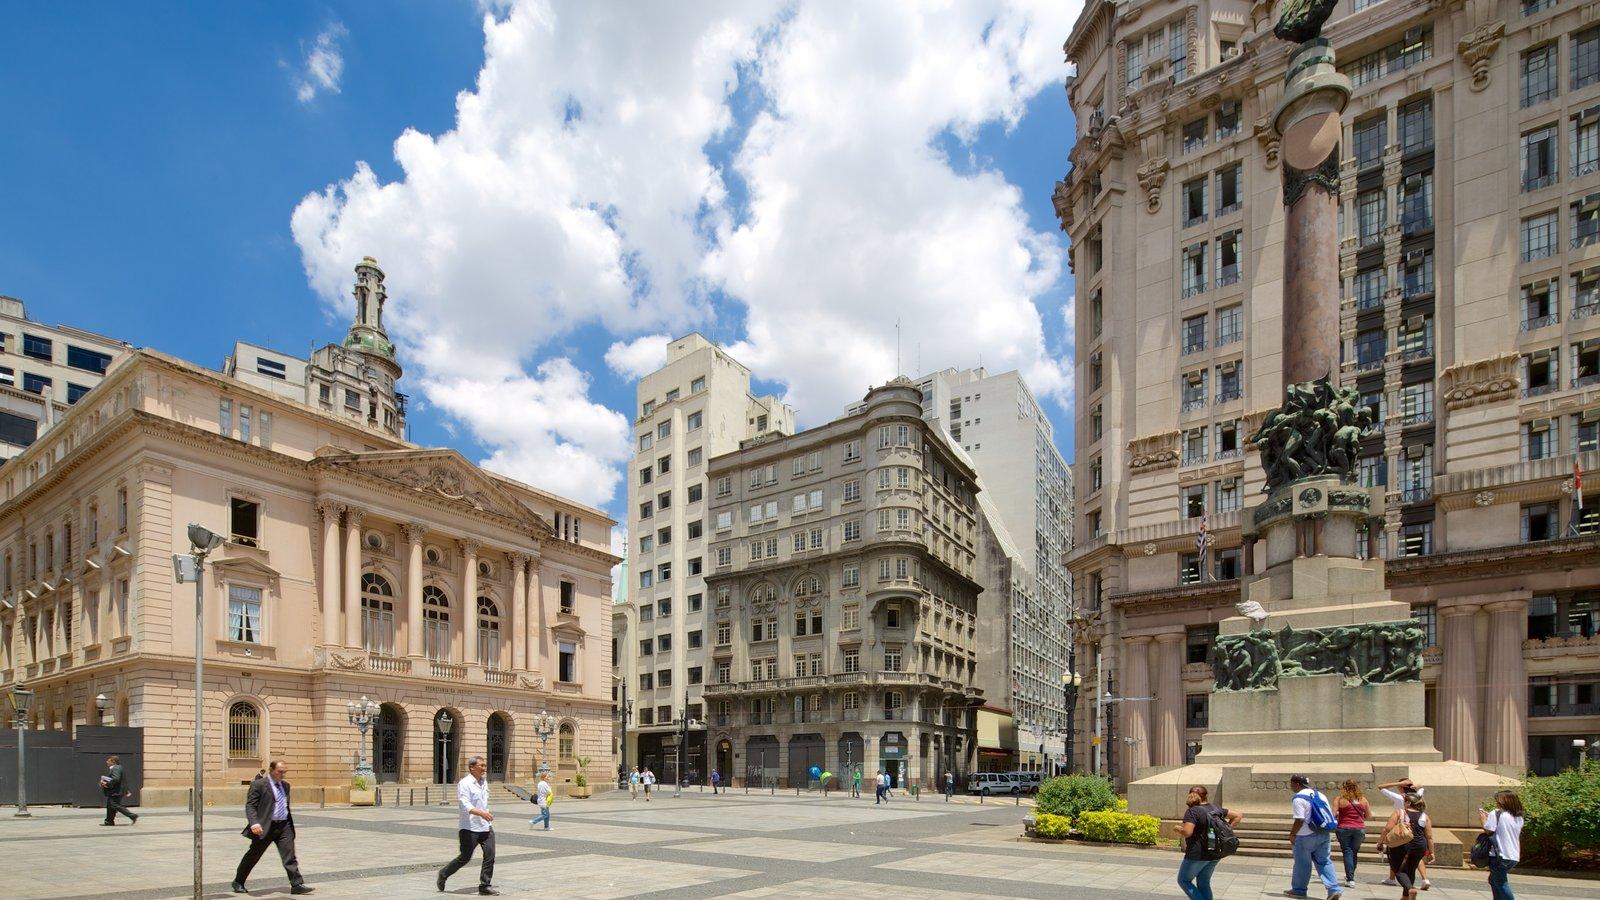 São Paulo que inclui uma praça ou plaza, uma cidade e arquitetura de patrimônio